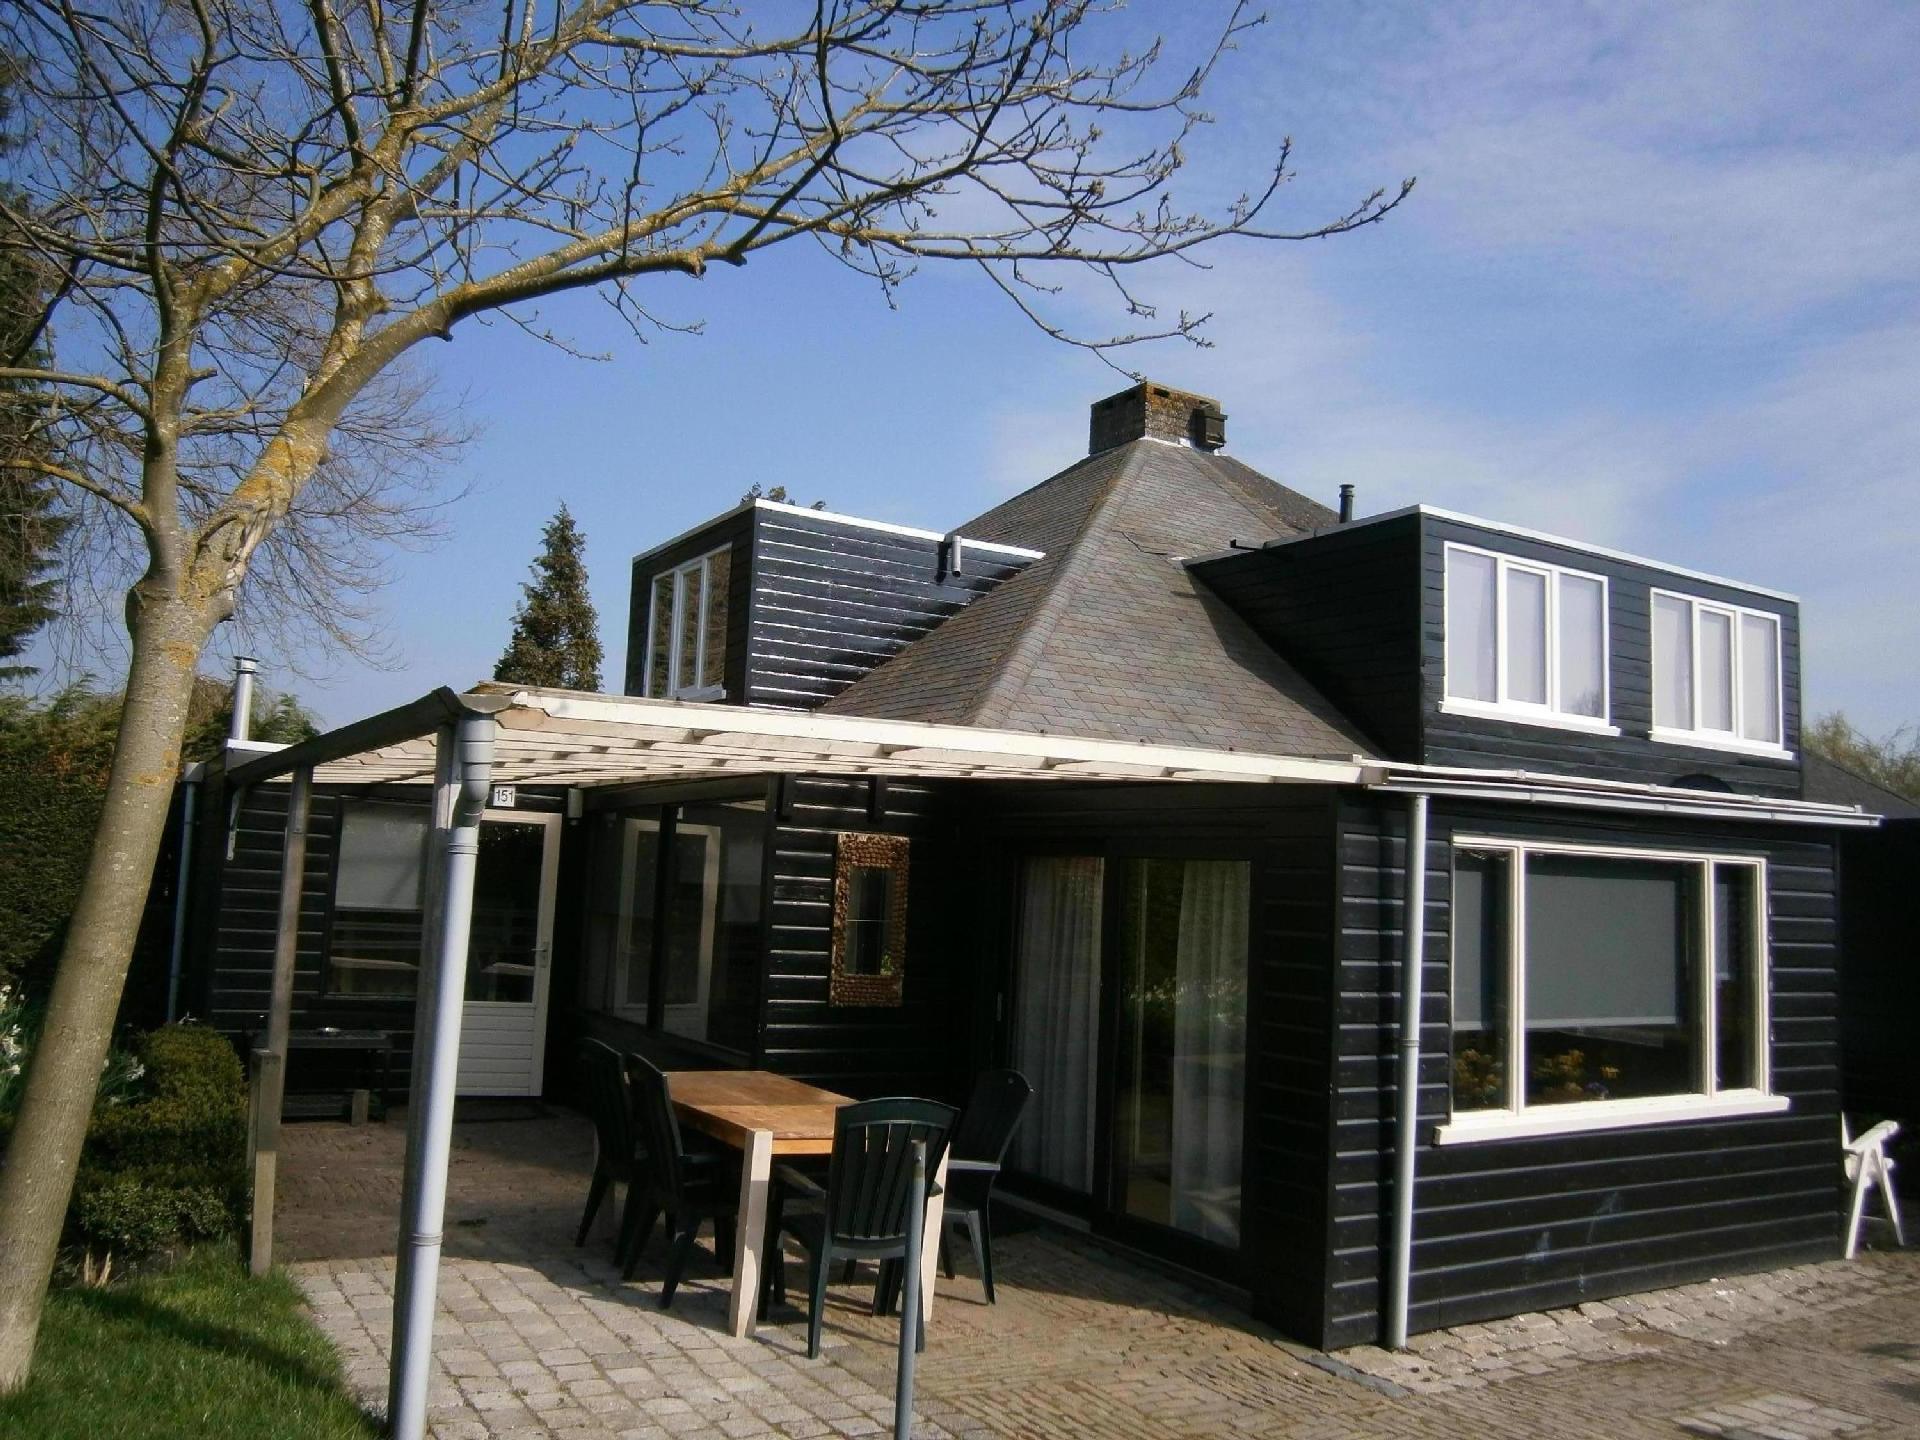 Ferienhaus für 6 Personen  + 1 Kind ca. 93 m&  in den Niederlande